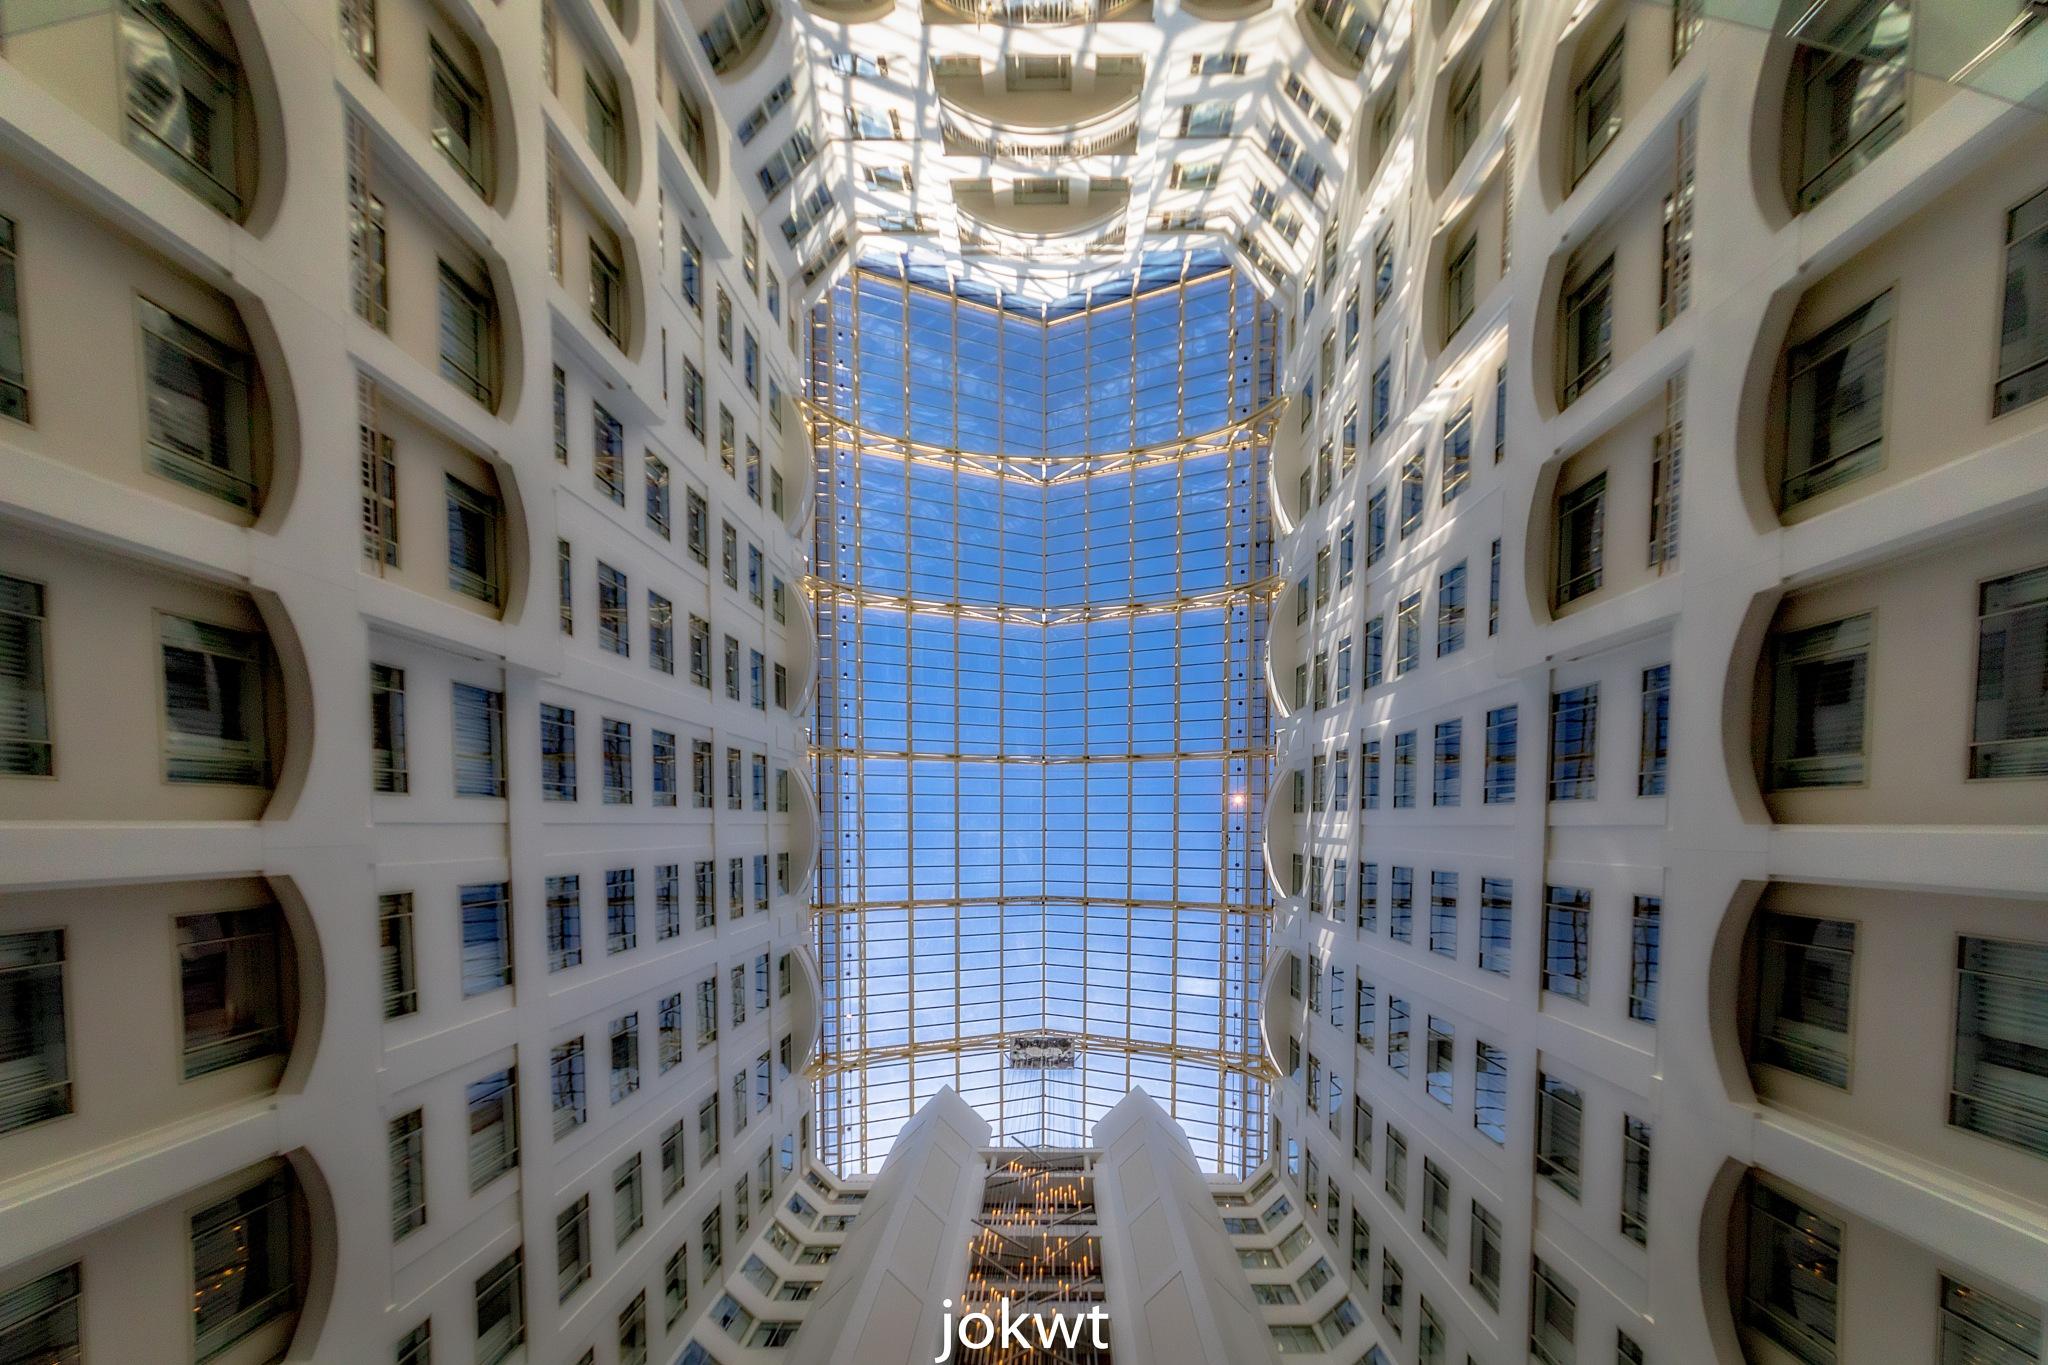 sky - Grand Hyatt - W.D.C by Y.Allugman